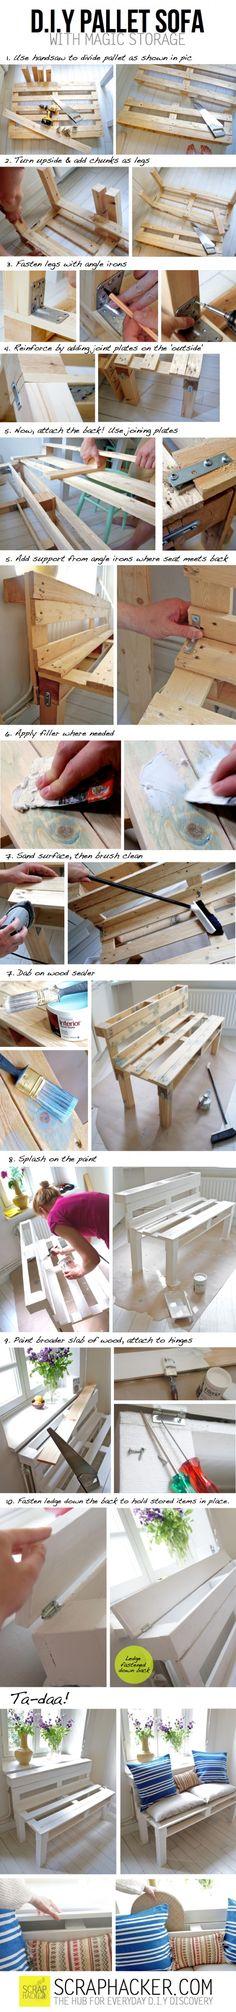 Euro paletės. Panaudojimo būdai: staliukas ar pagrindas po čiužiniu, lentynelės, stovai augalams, šviestuvų laikiklis, spinta, bet kokio kambario sienų...